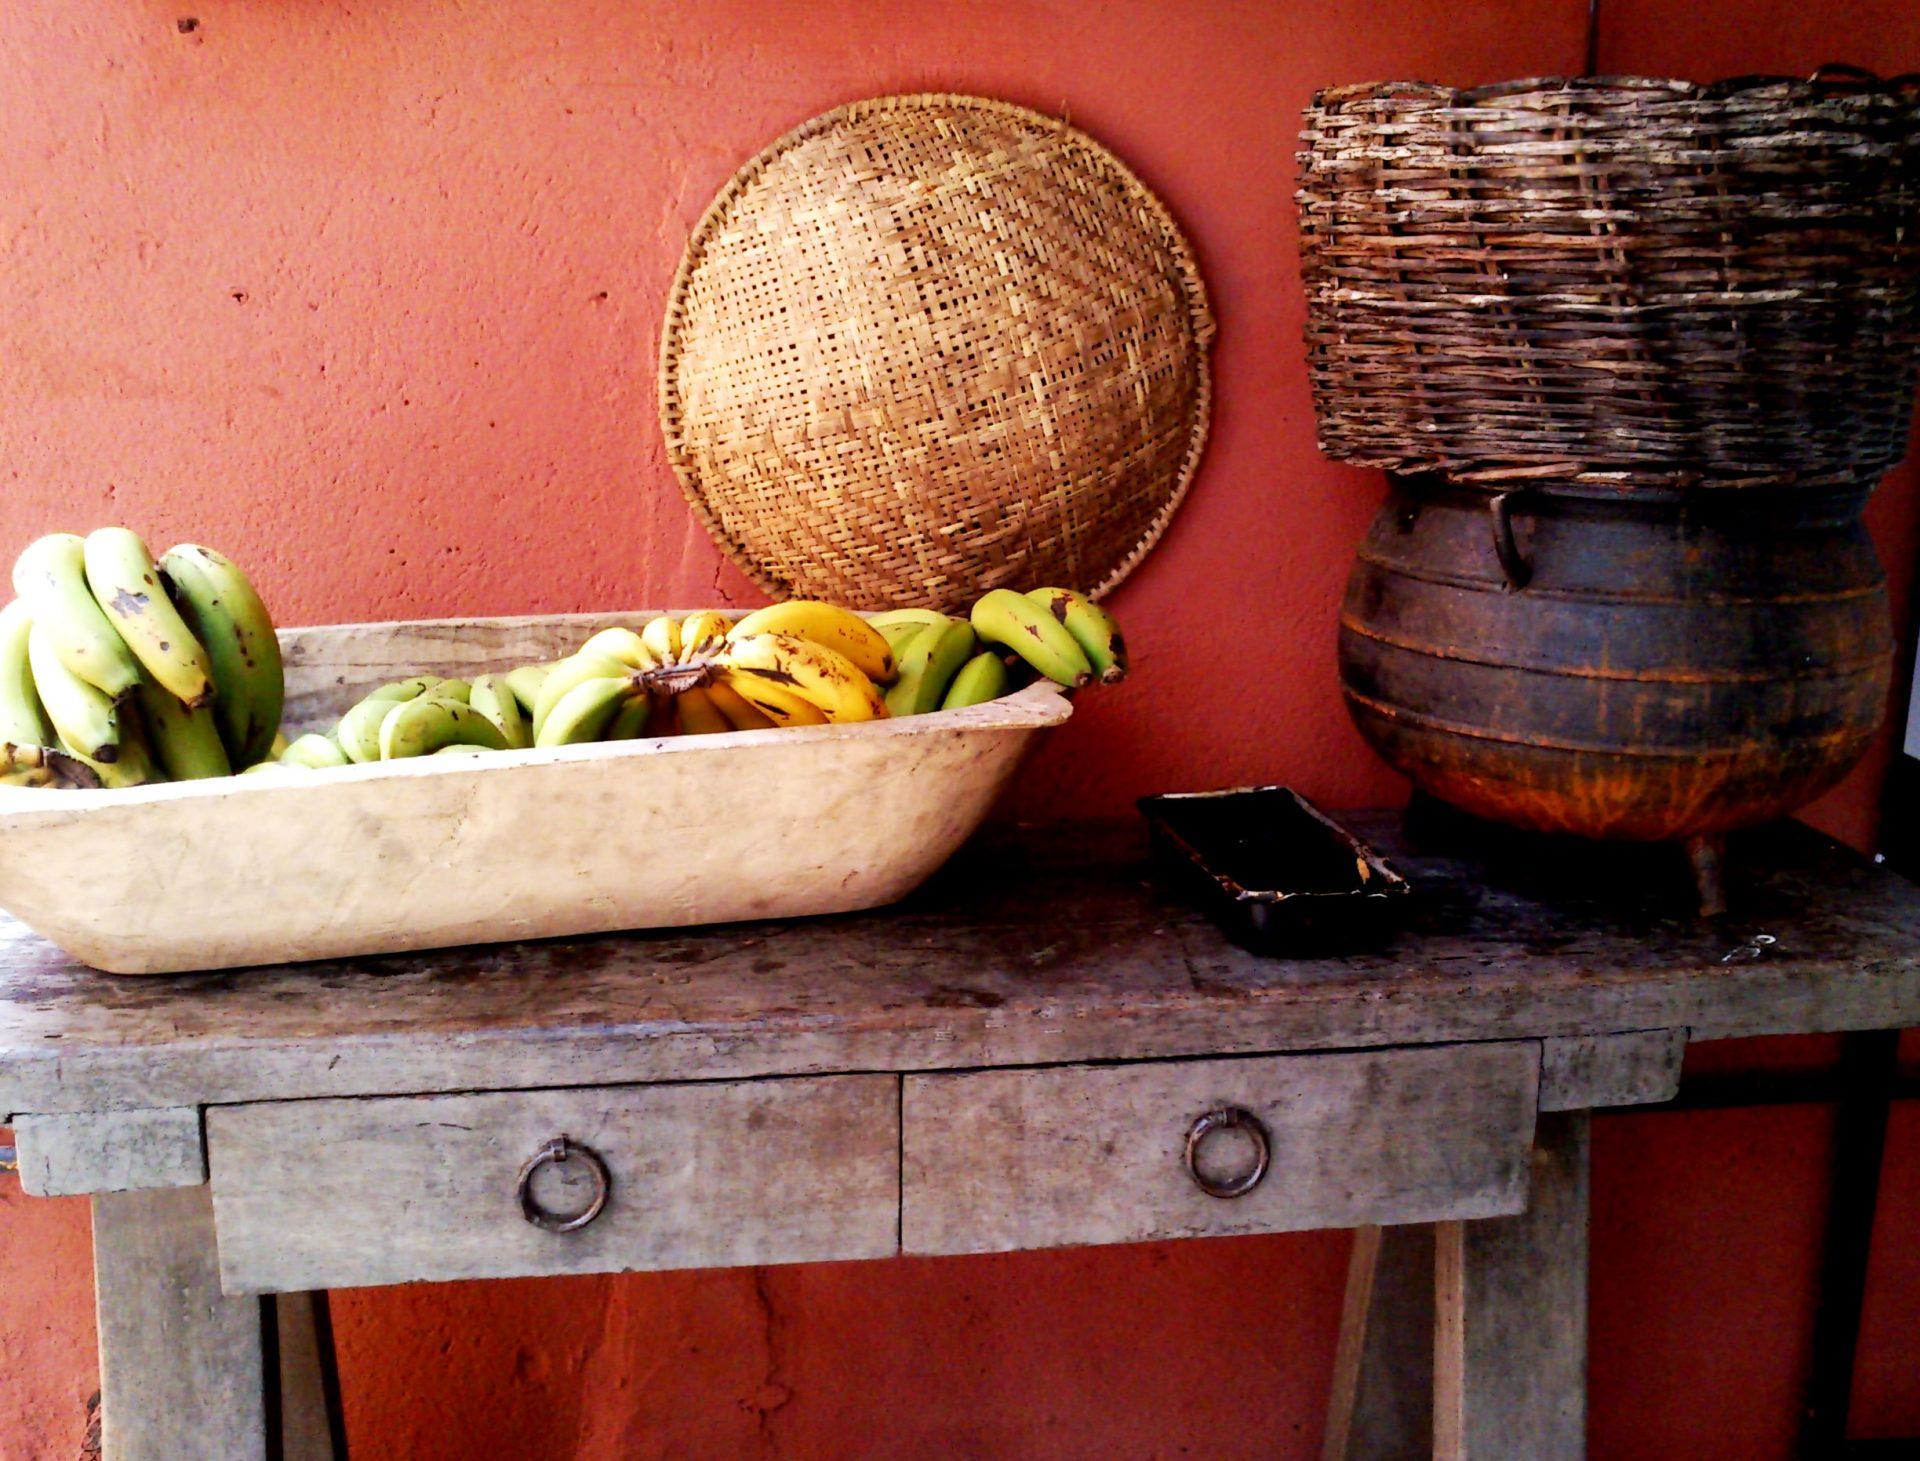 decoracao jardim chacara : decoracao jardim chacara:Lugares que vou: a casa com decoração rústica – Mania de